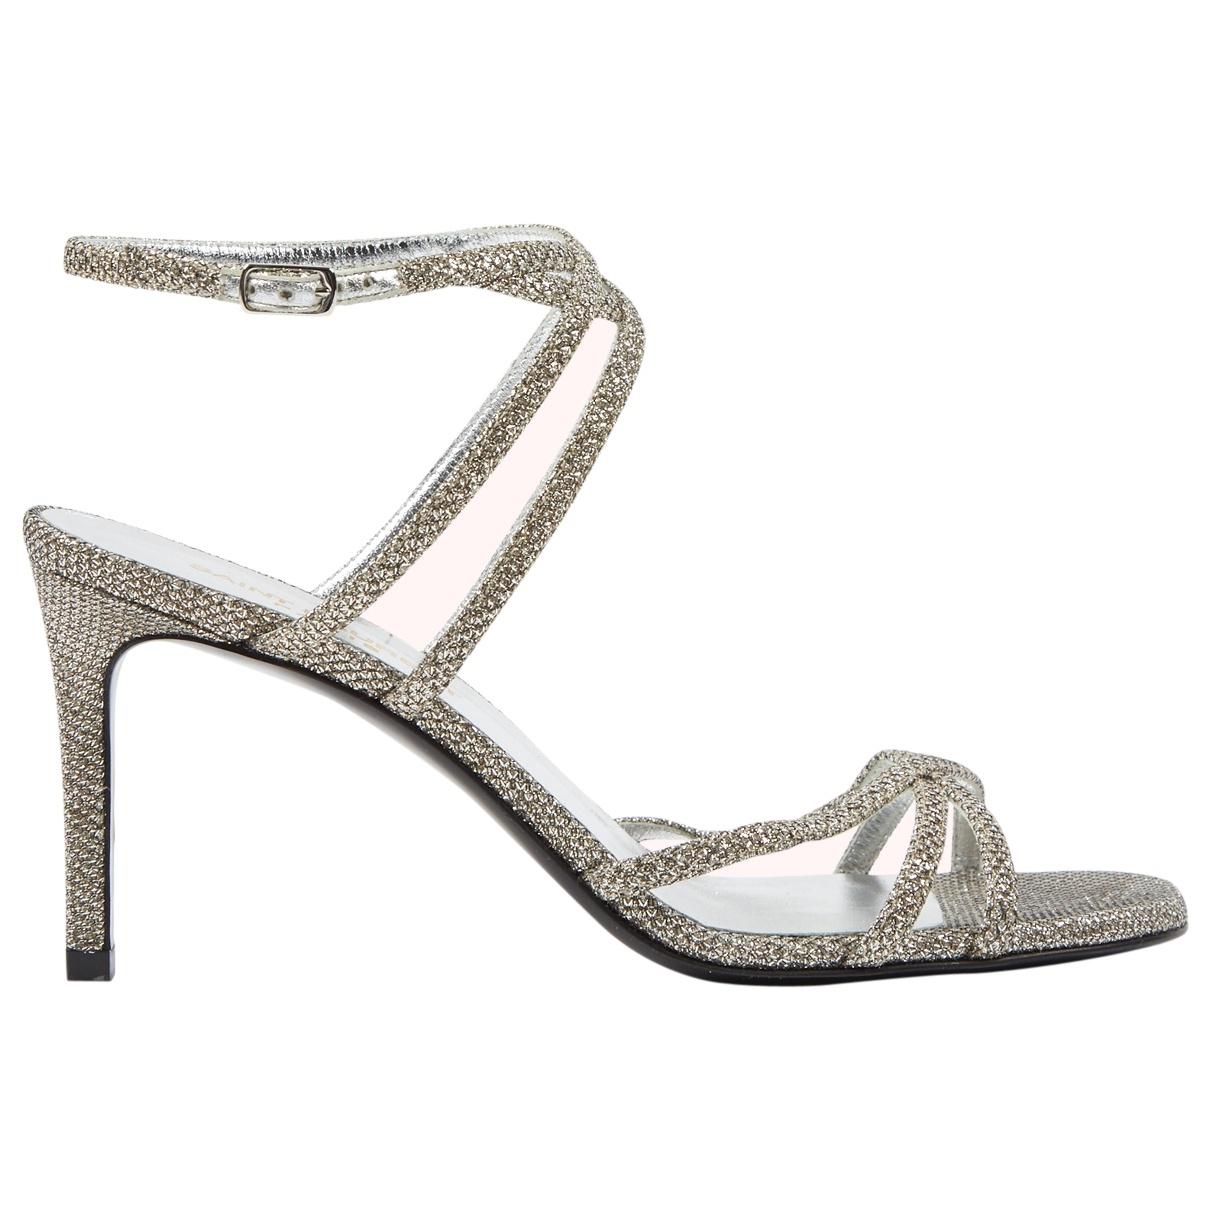 Saint Laurent \N Silver Glitter Sandals for Women 36.5 EU